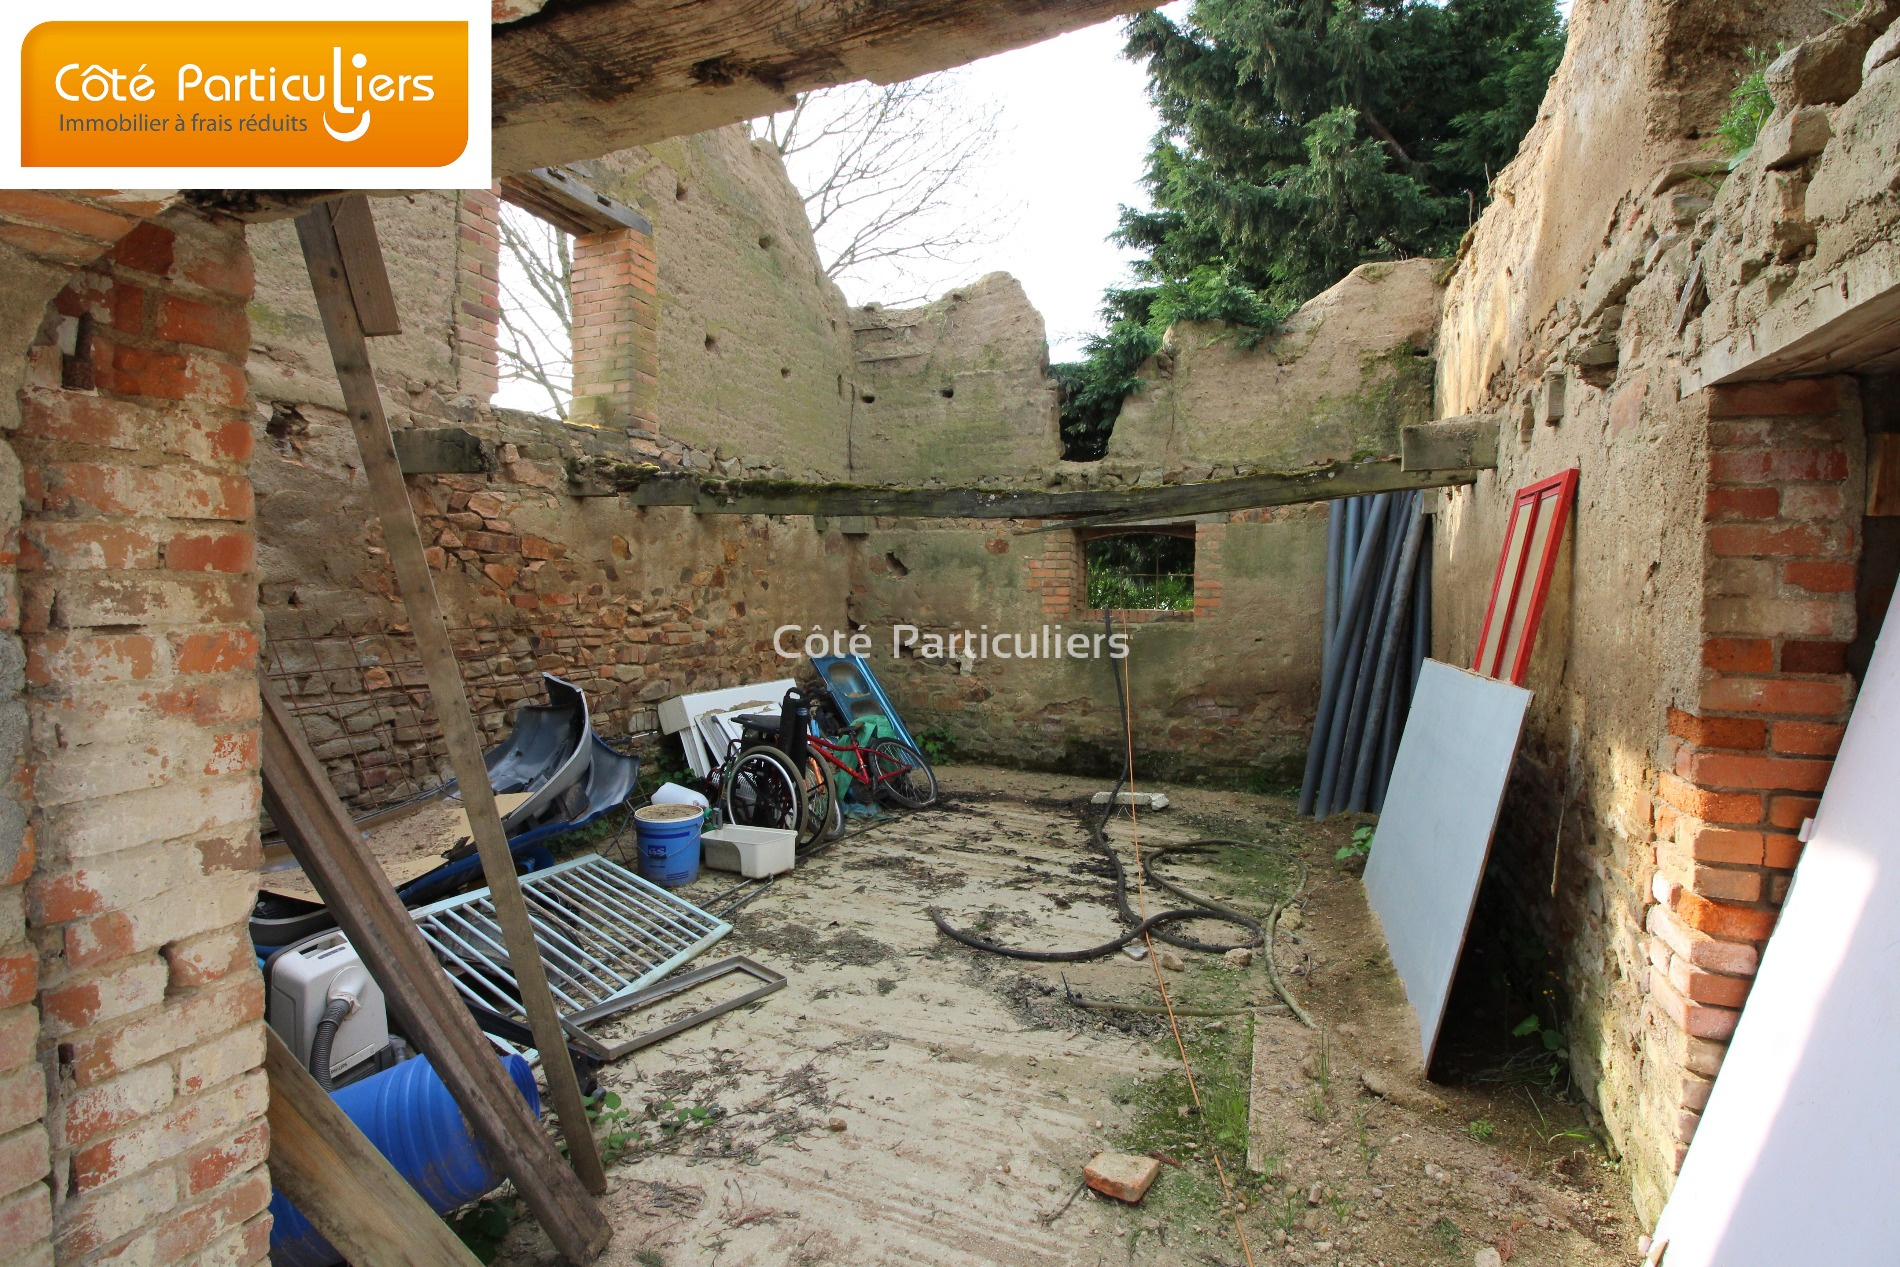 Vente terrain constructible 1 400 m2 for Prix du m2 non constructible